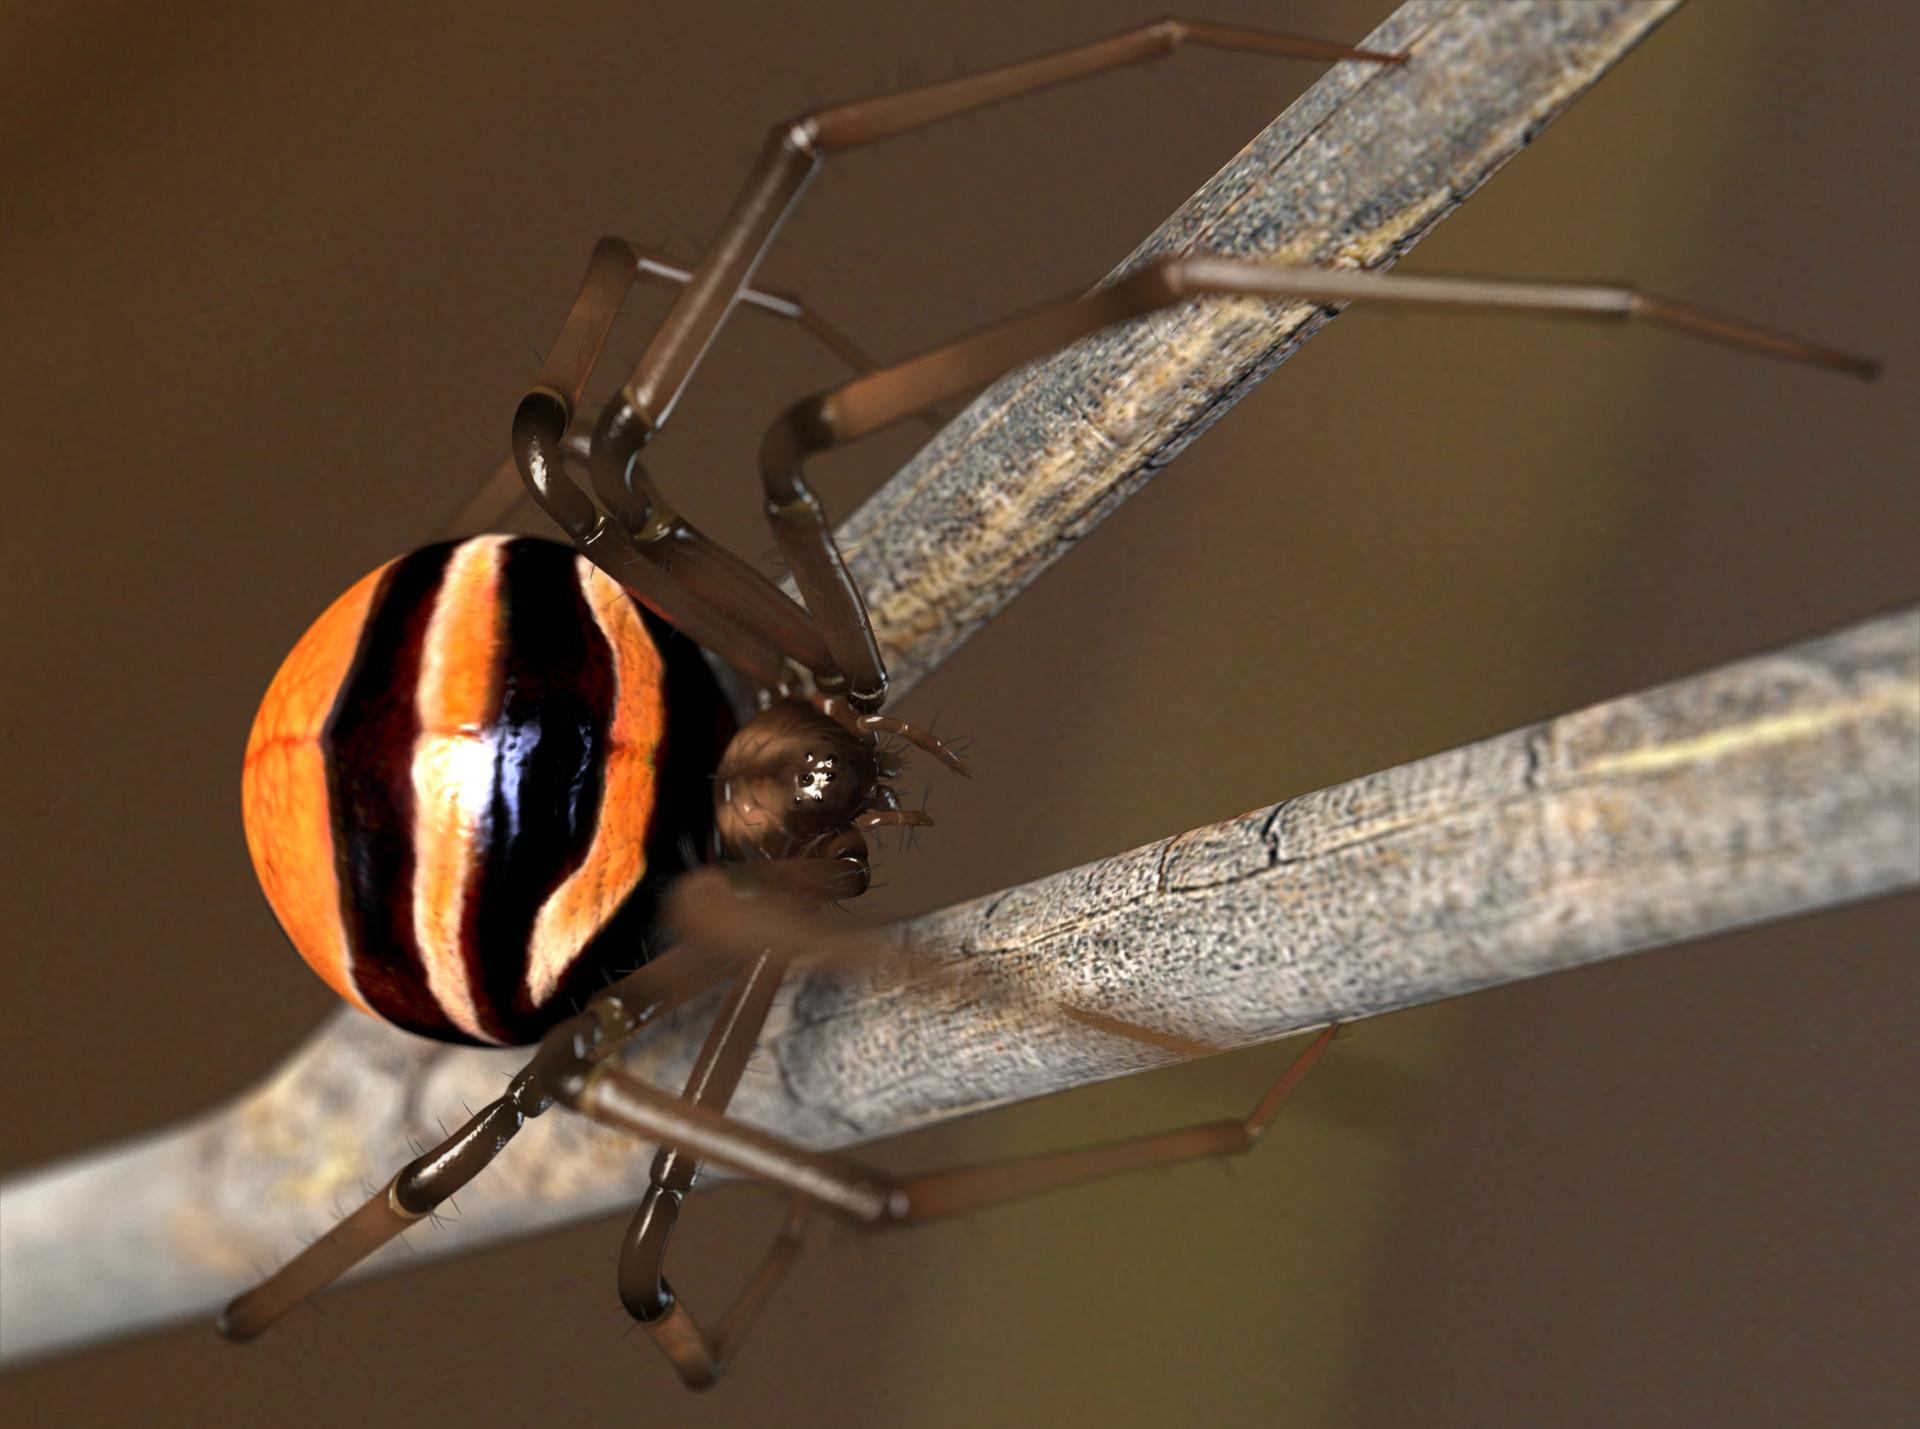 Zoltan korcsok spider2 2